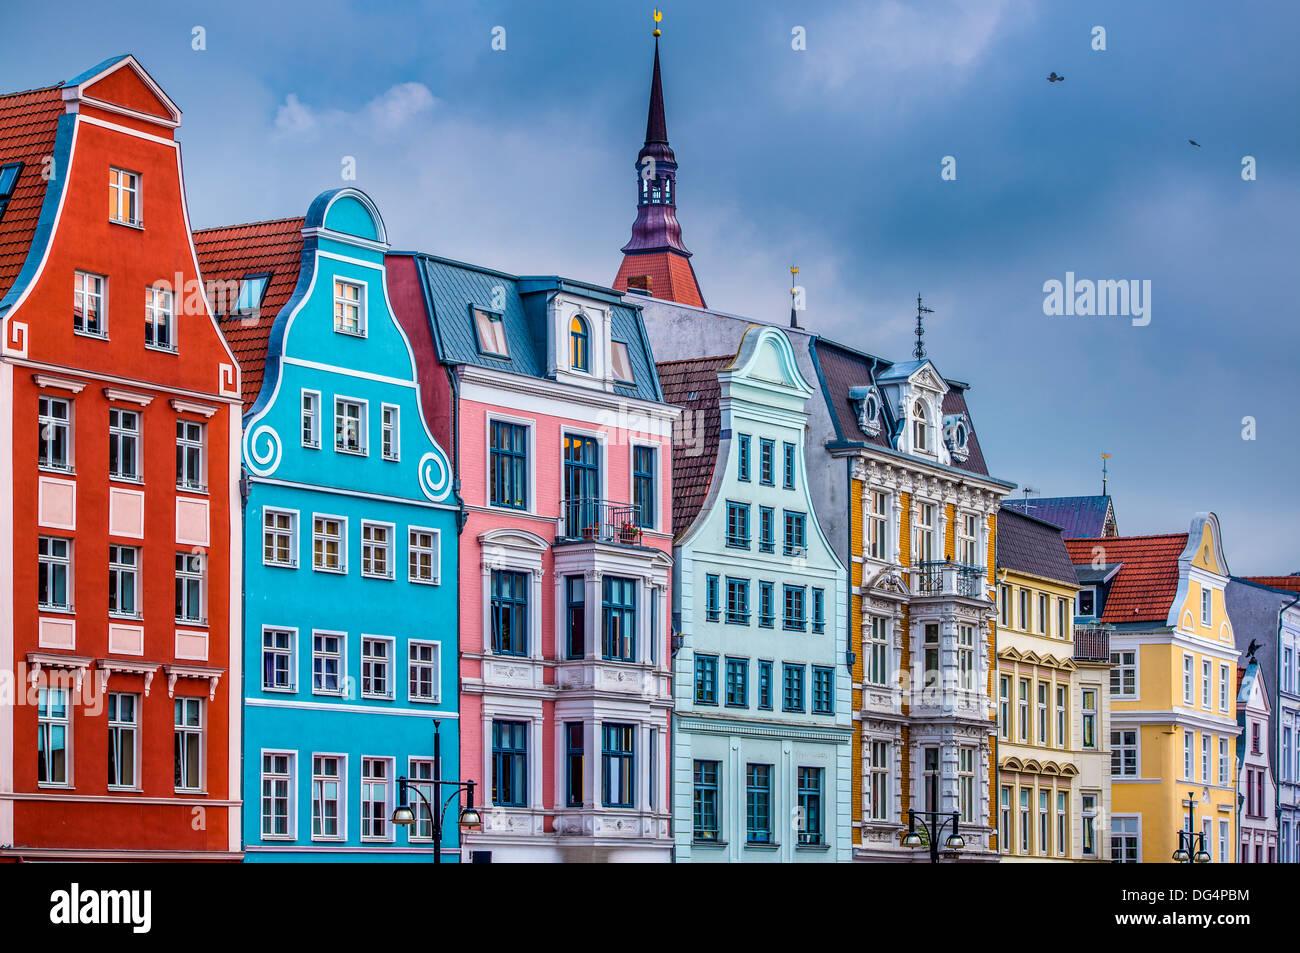 Edifici storici di Rostock, Germania. Immagini Stock